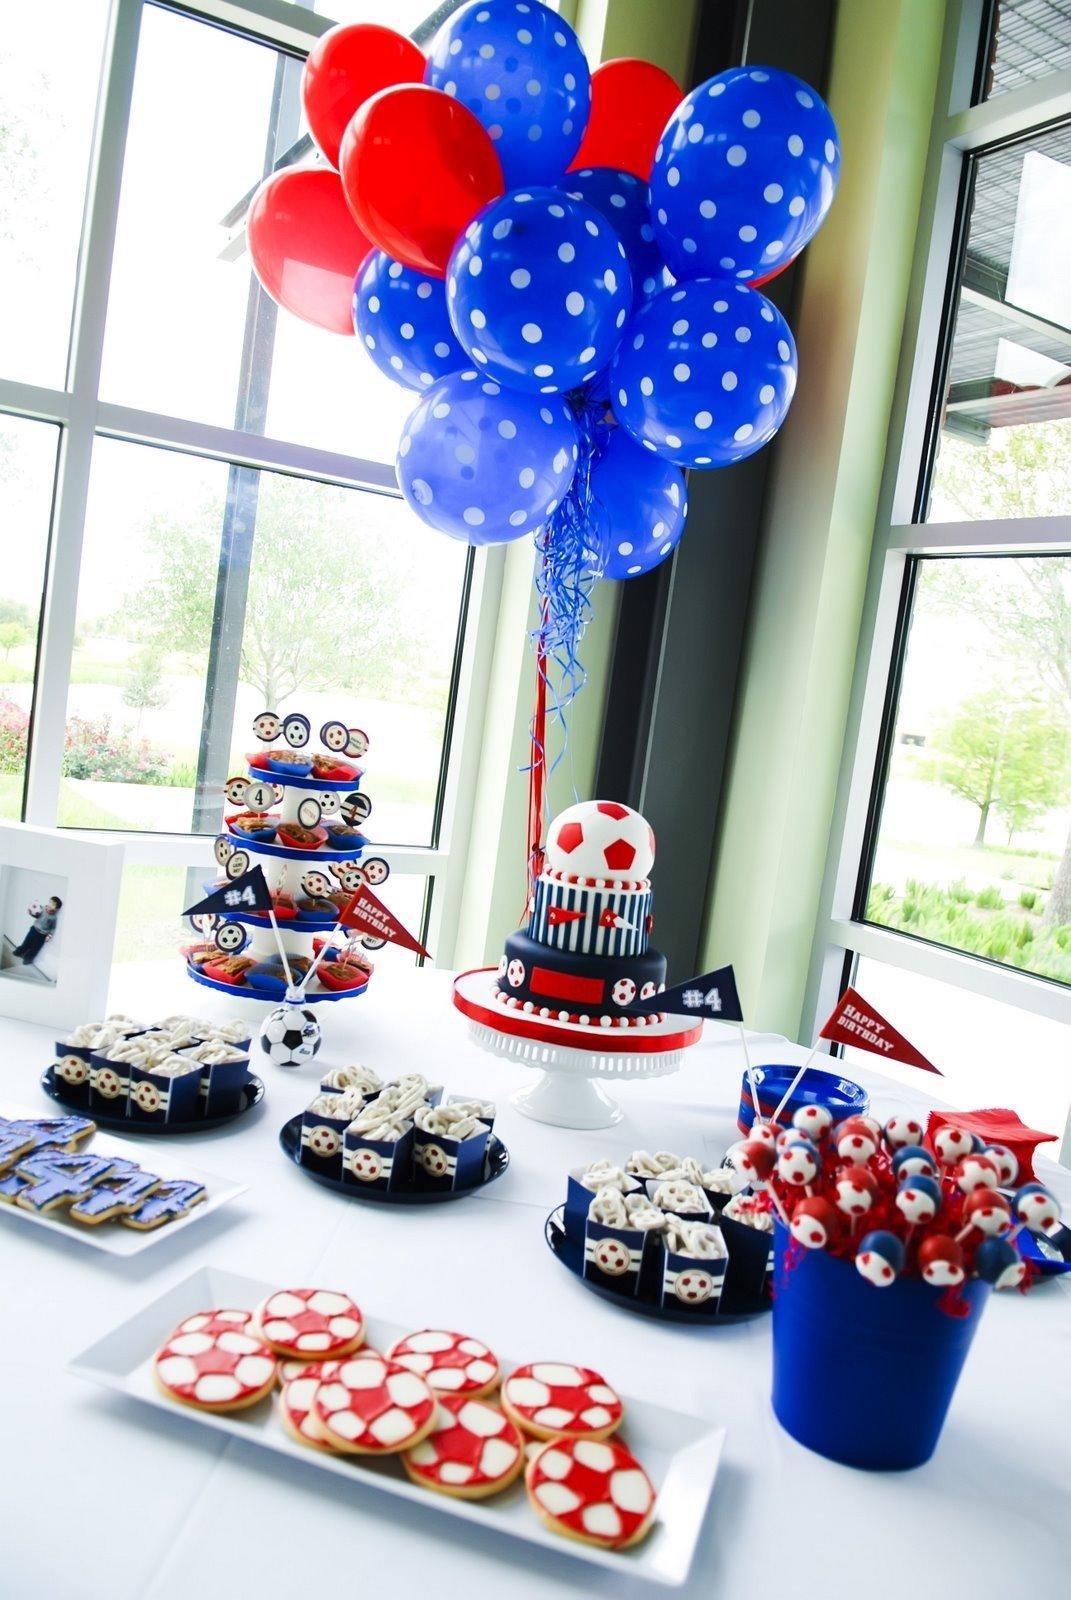 10 Stylish Ideas For Boys Birthday Party diy project 15 great boys birthday party ideas part 2 style